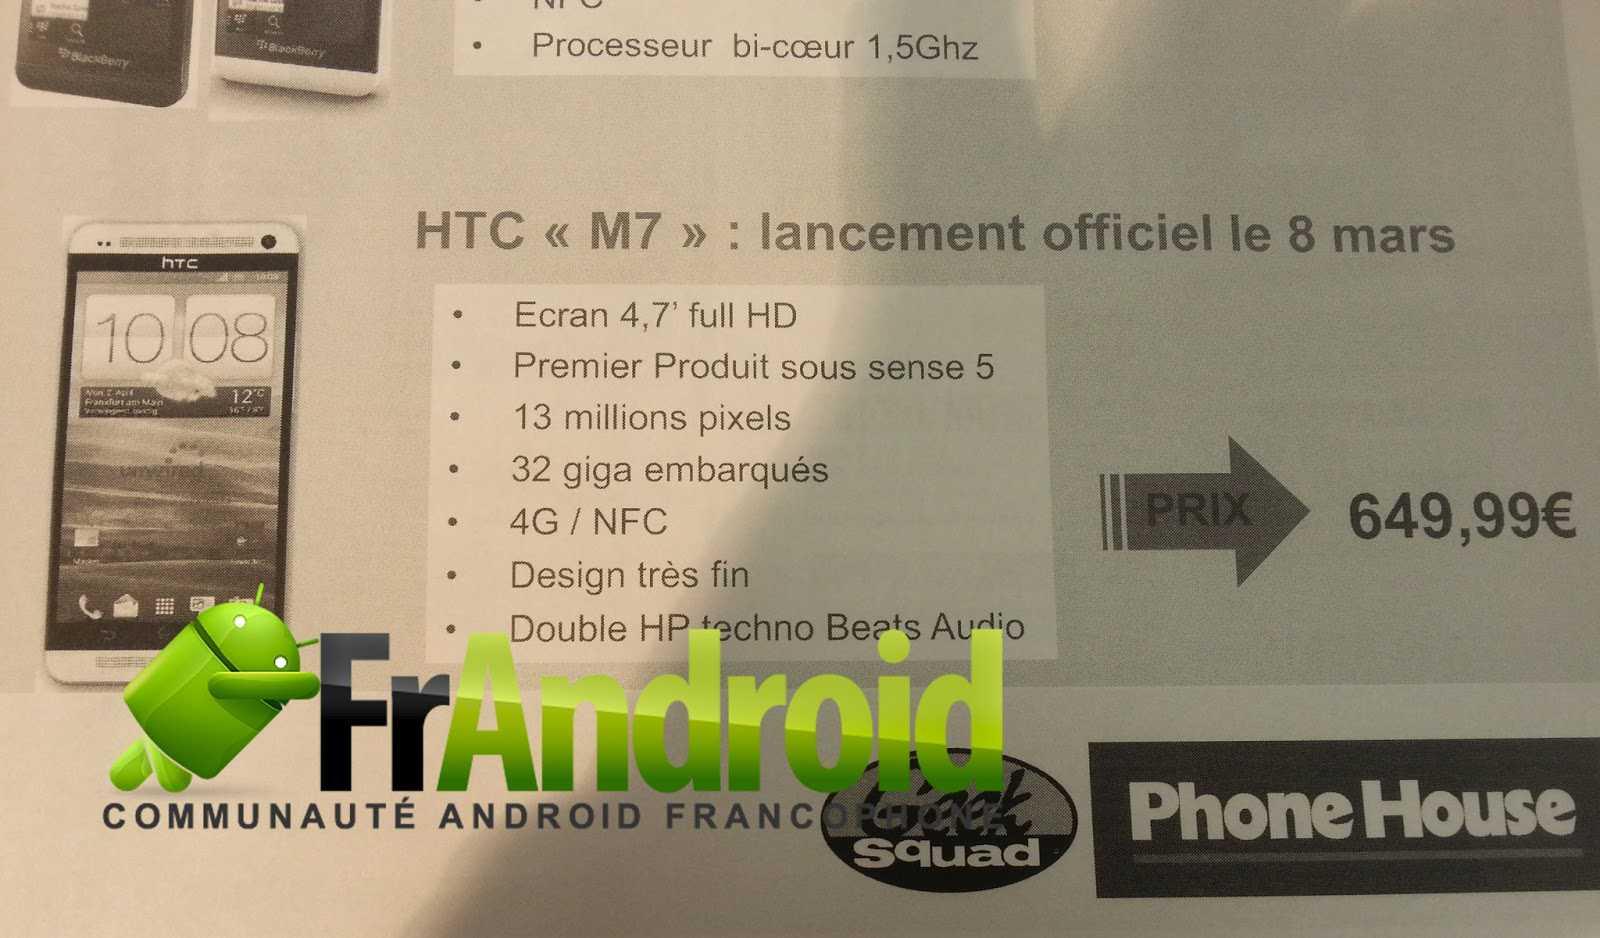 HTC M7 in arrivo l'8 marzo in Francia per € 650